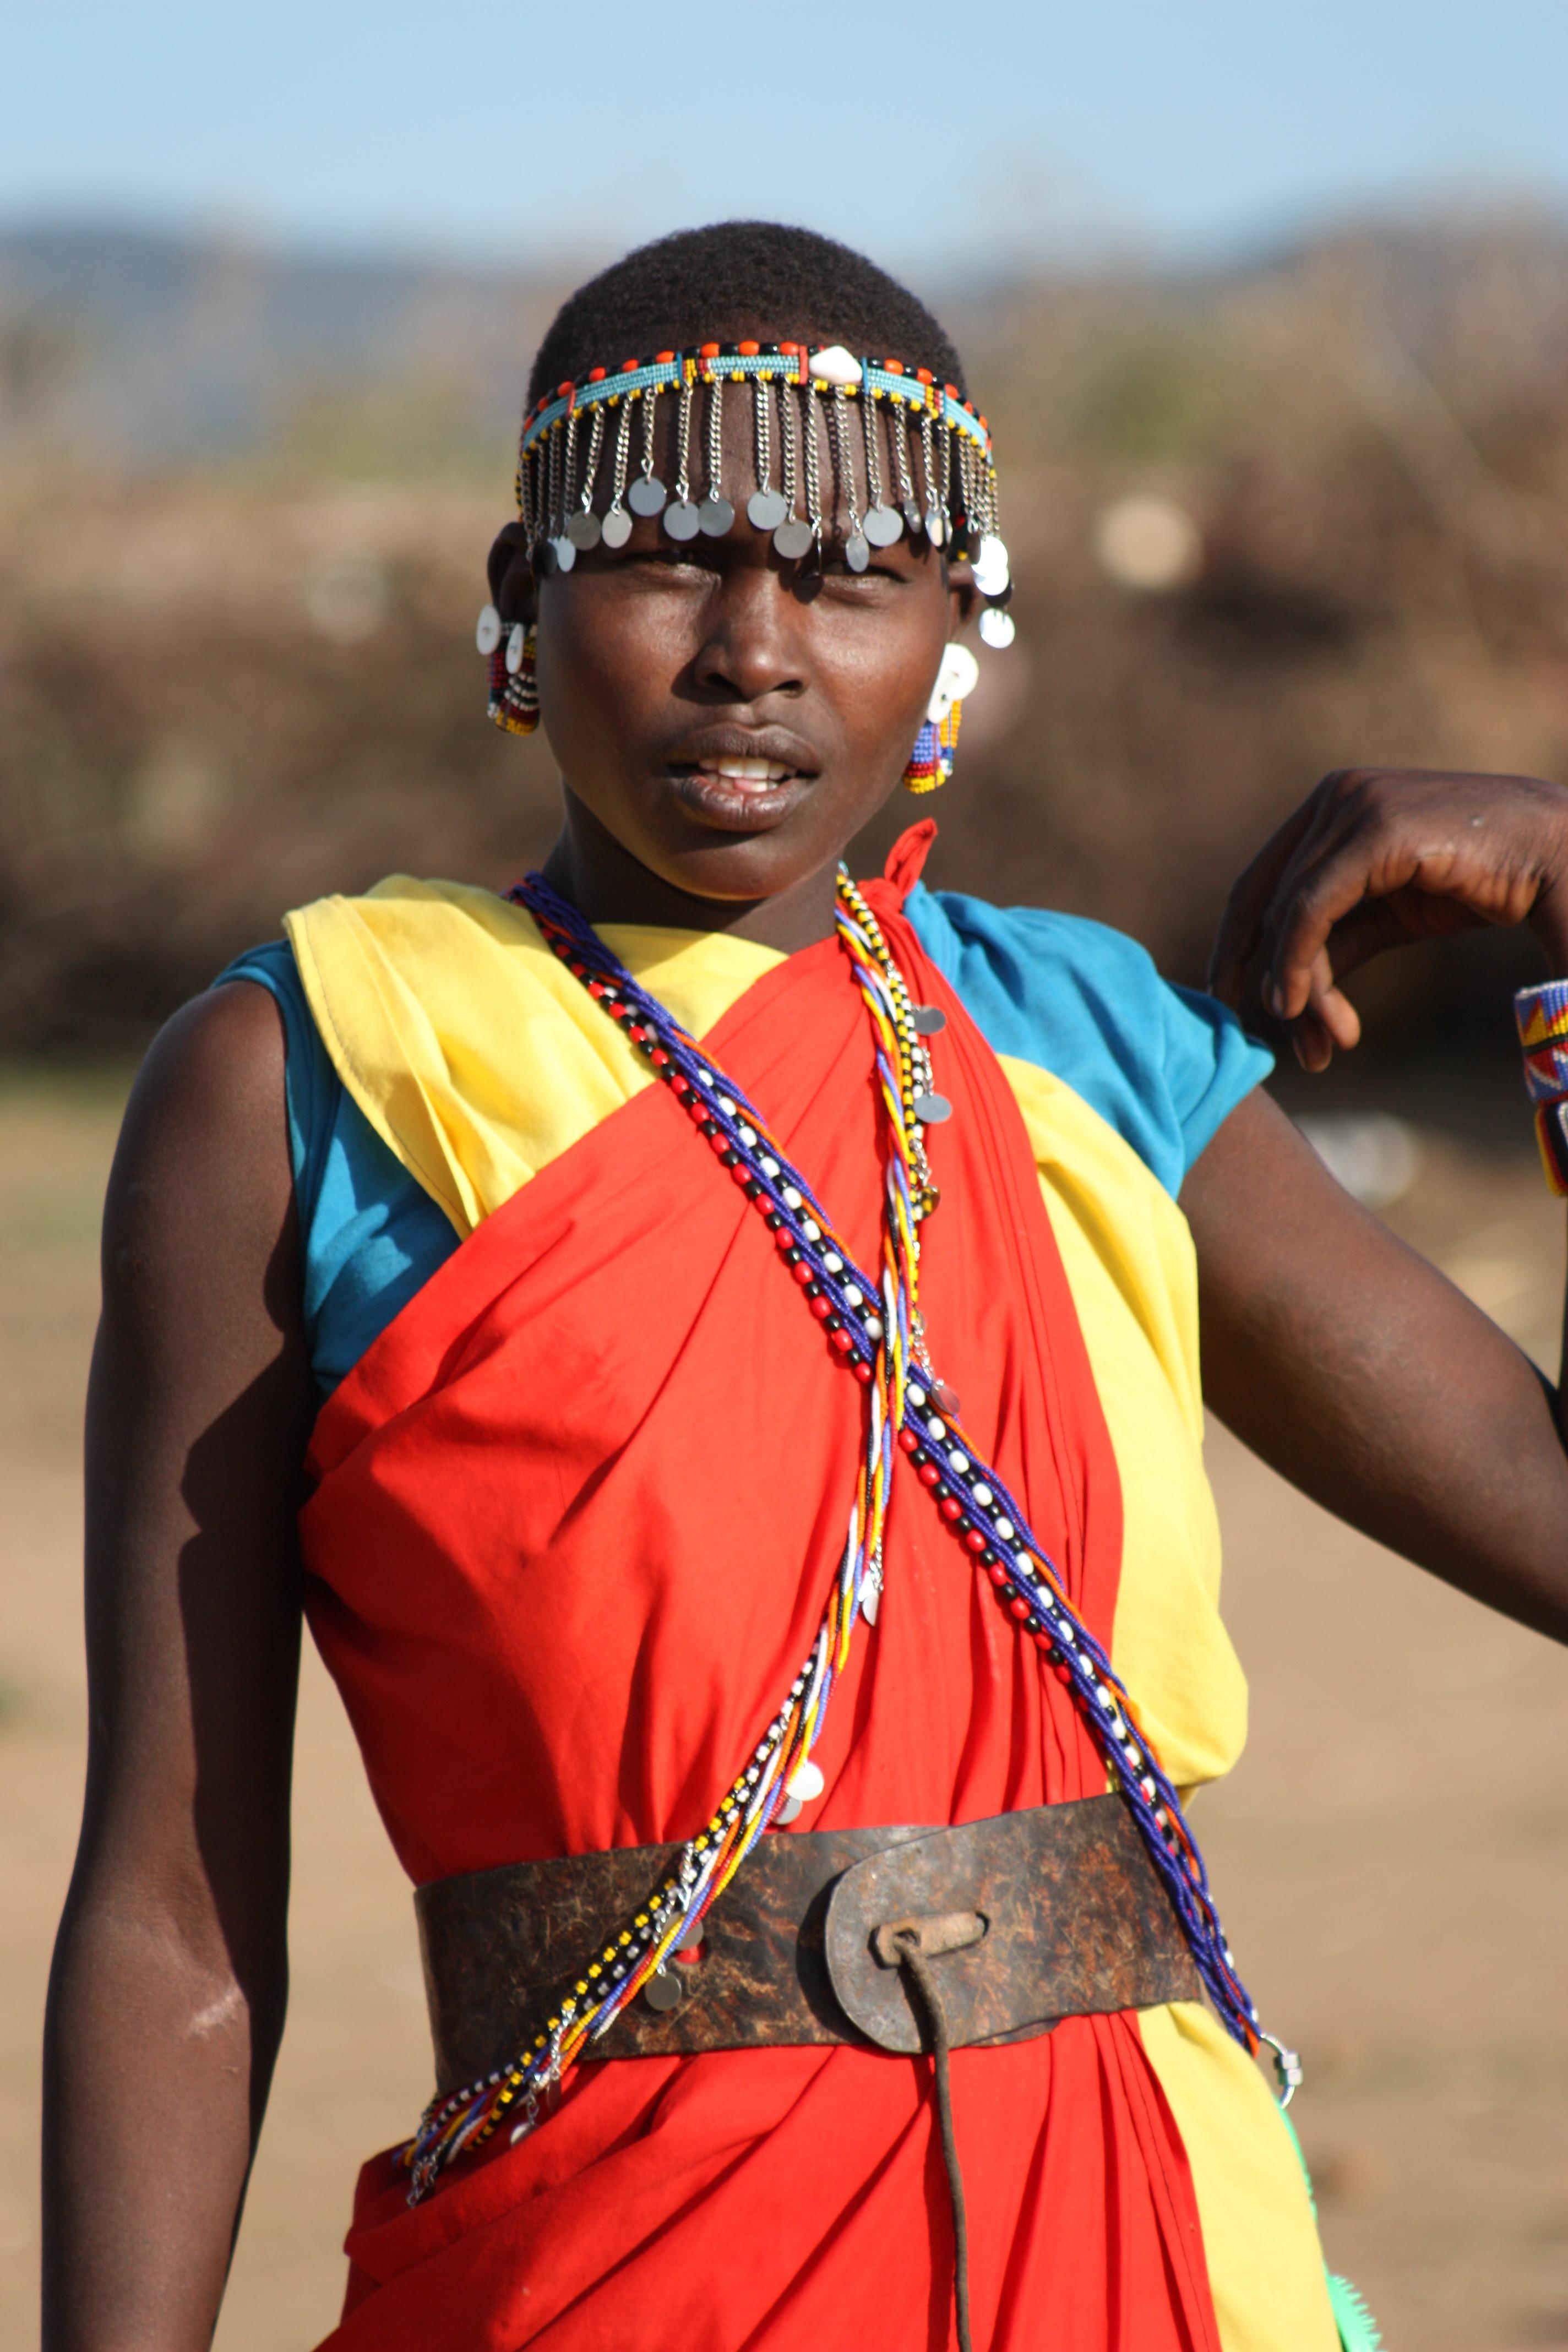 Matrimonio In Kenia : Fotografia di alissa everett immagini fotografia di alissa